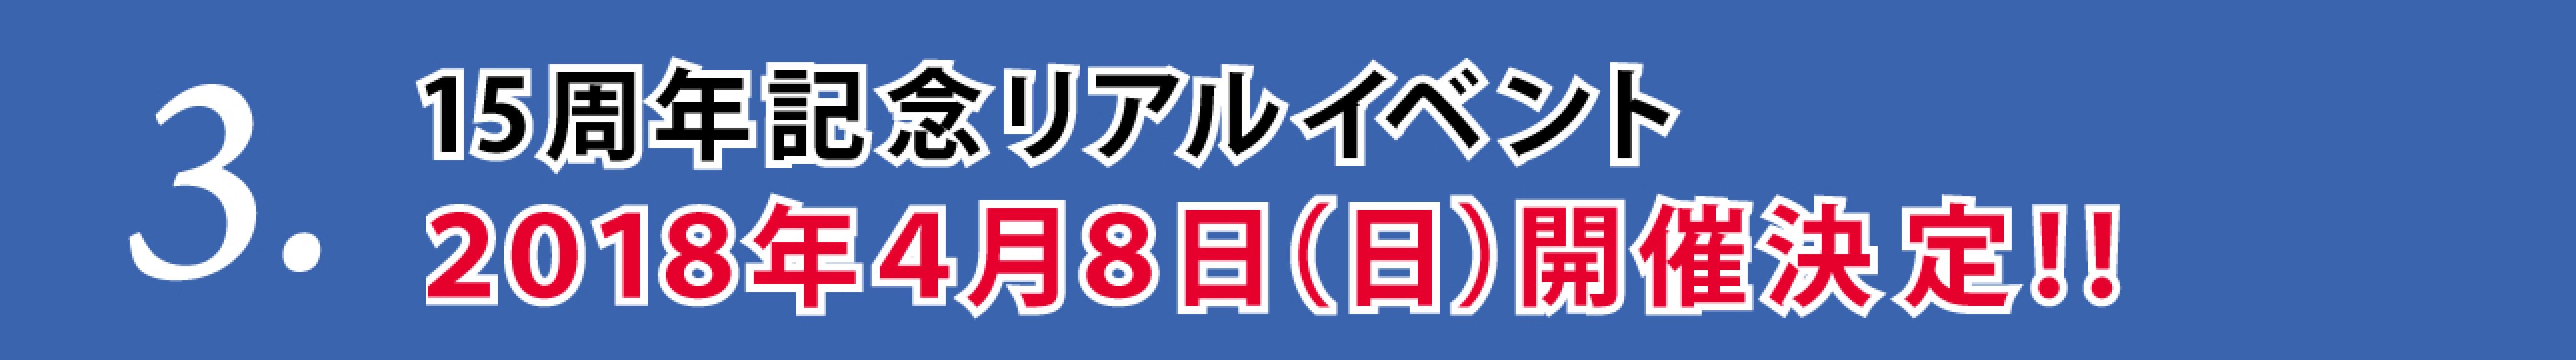 フィフスアベニュー15周年リアルイベント開催決定!